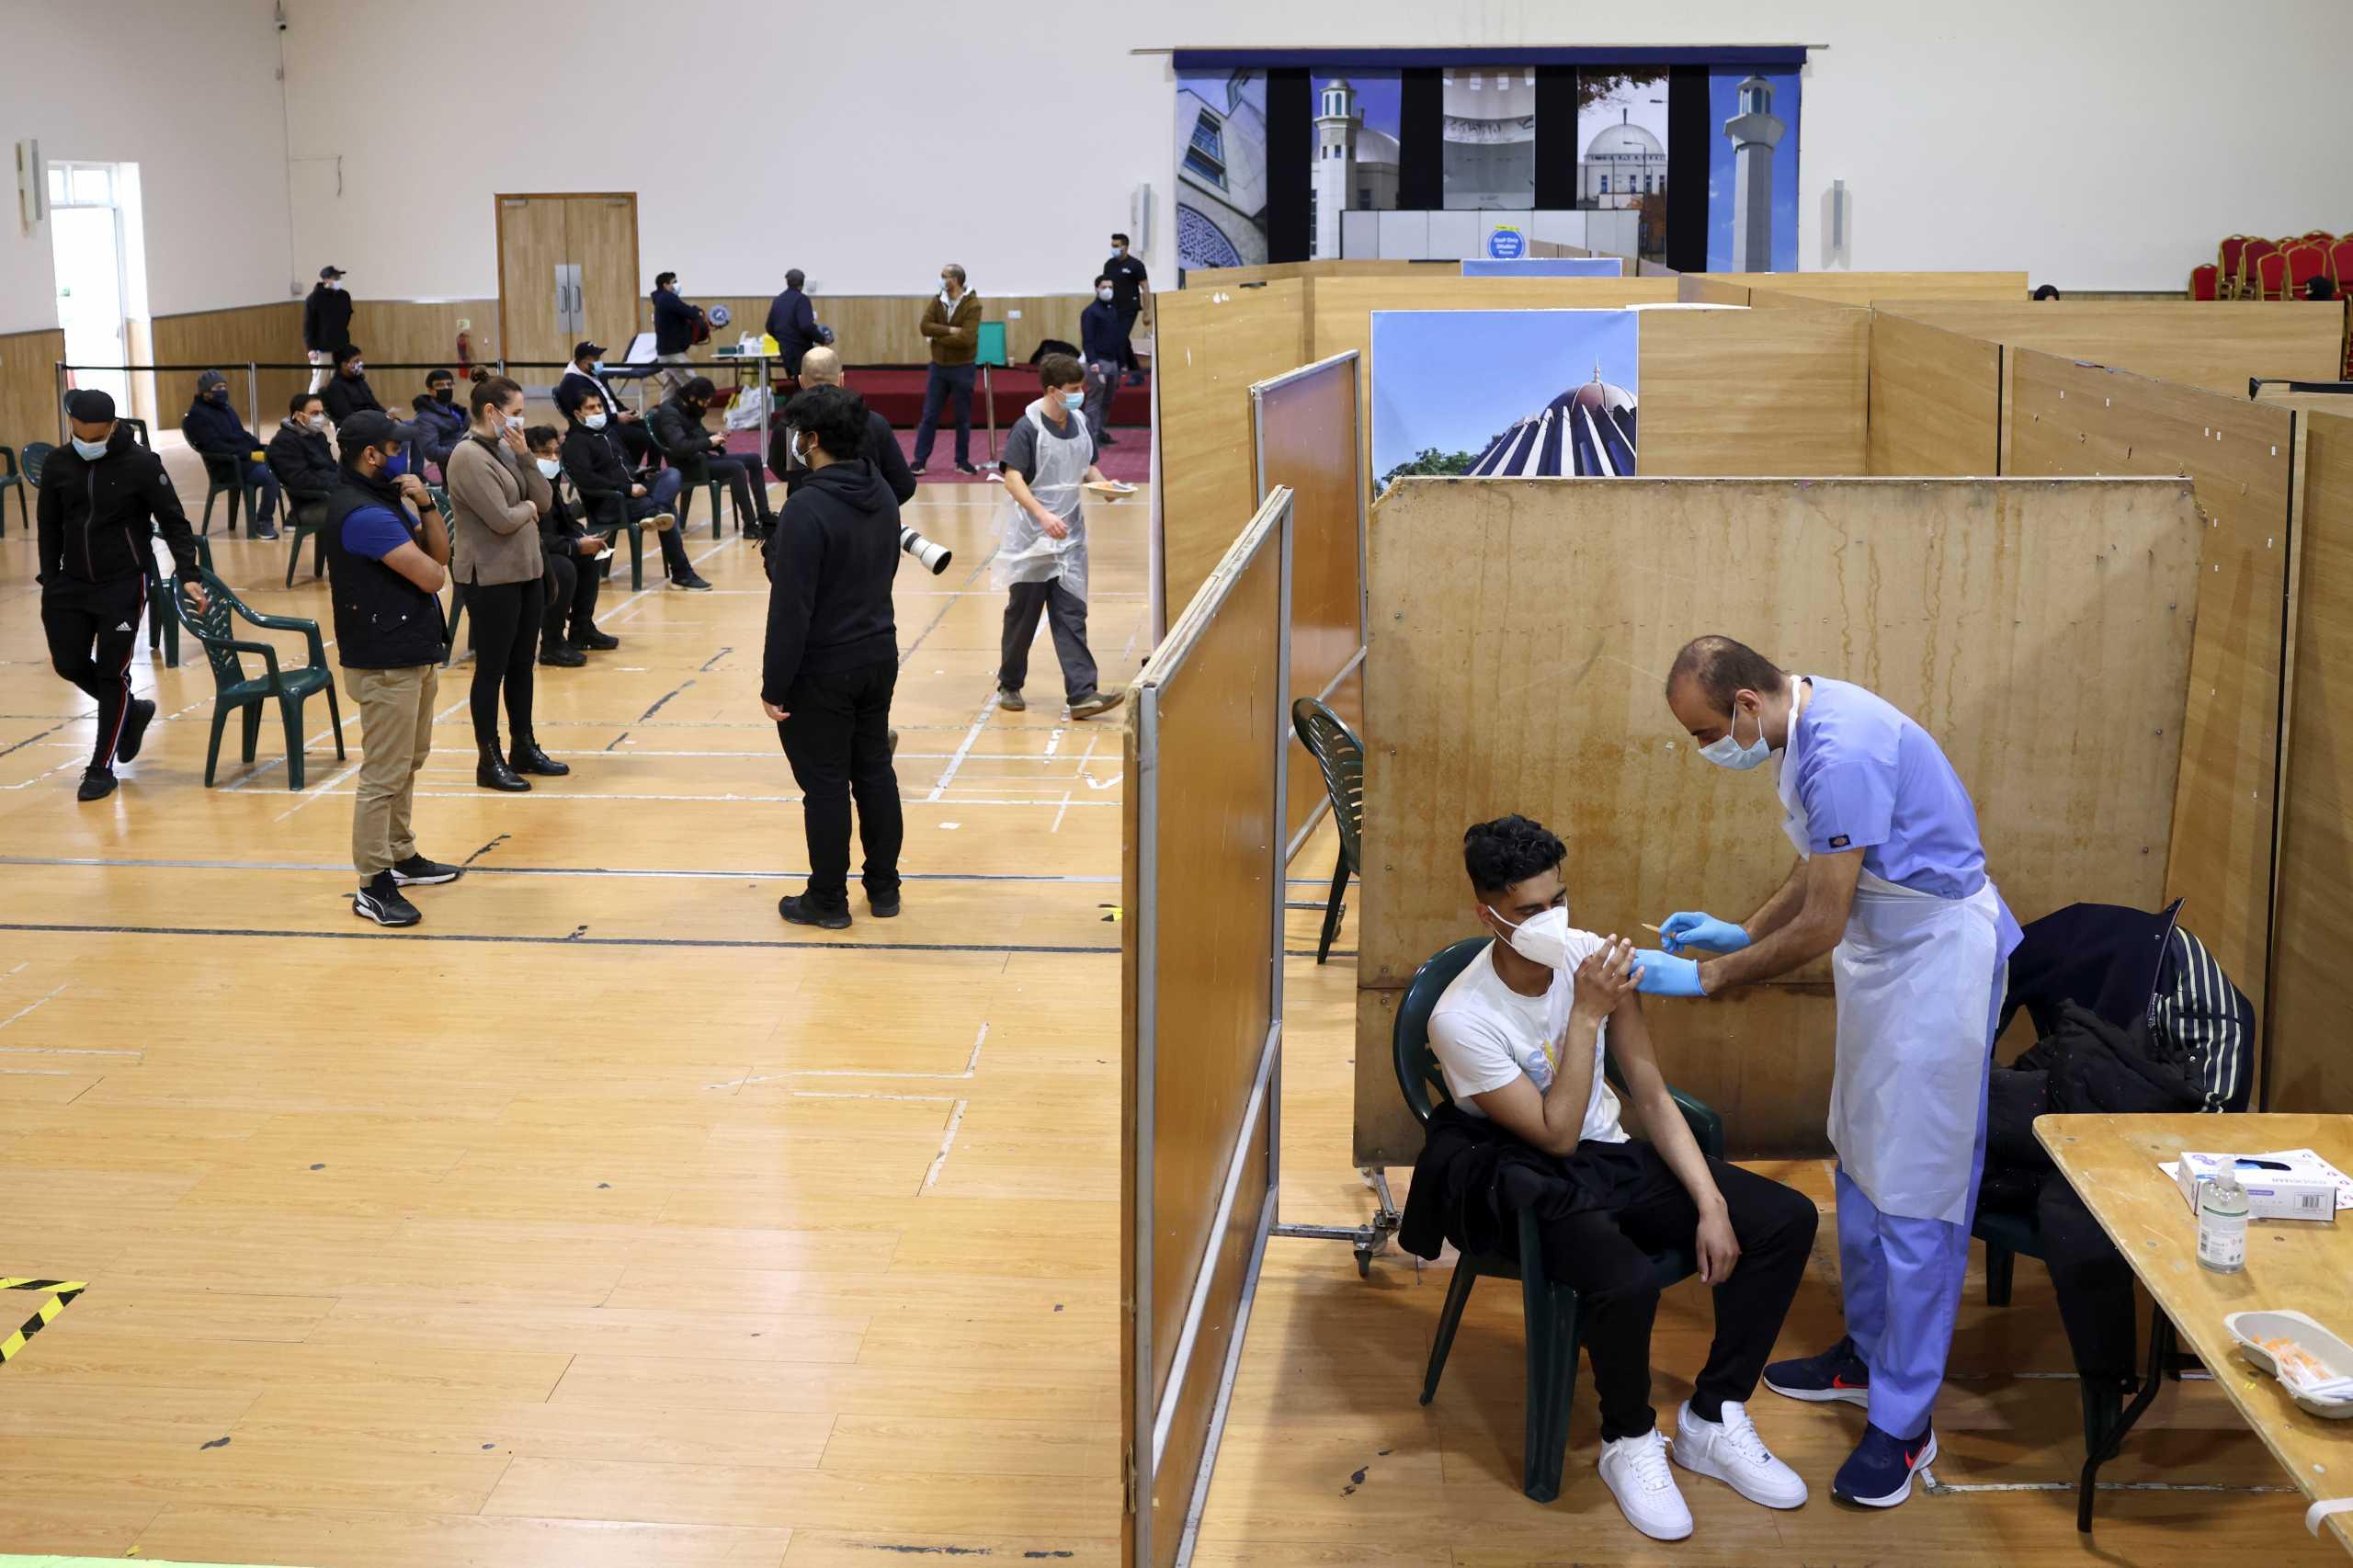 Κορονοϊός: Πάνω από 30 εκατ. Βρετανοί έχουν κάνει την 1η δόση του εμβολίου